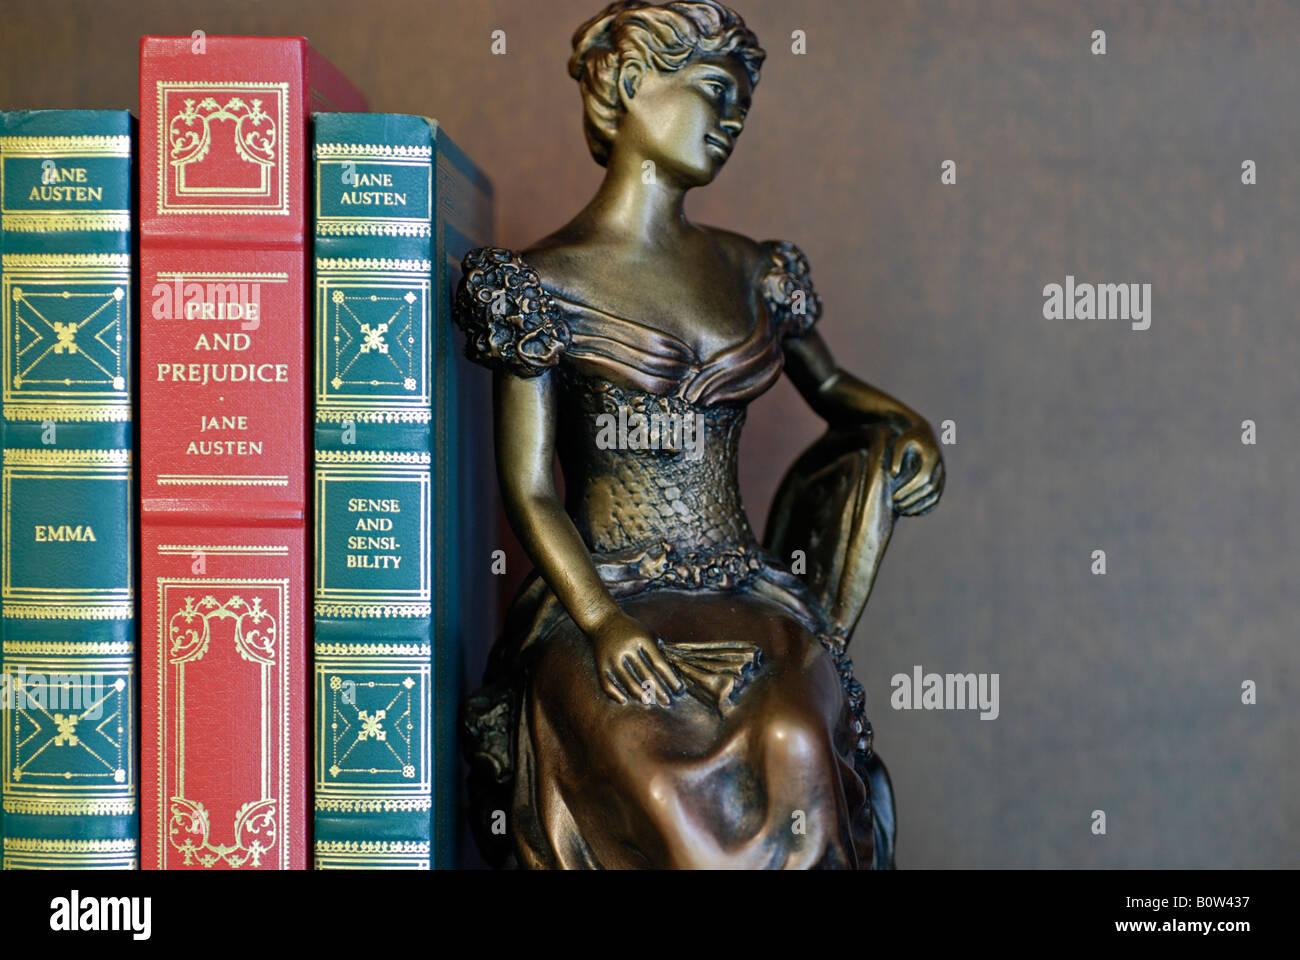 Libros encuadernados en cuero y el libro final, Jane Austen clásicos Imagen De Stock